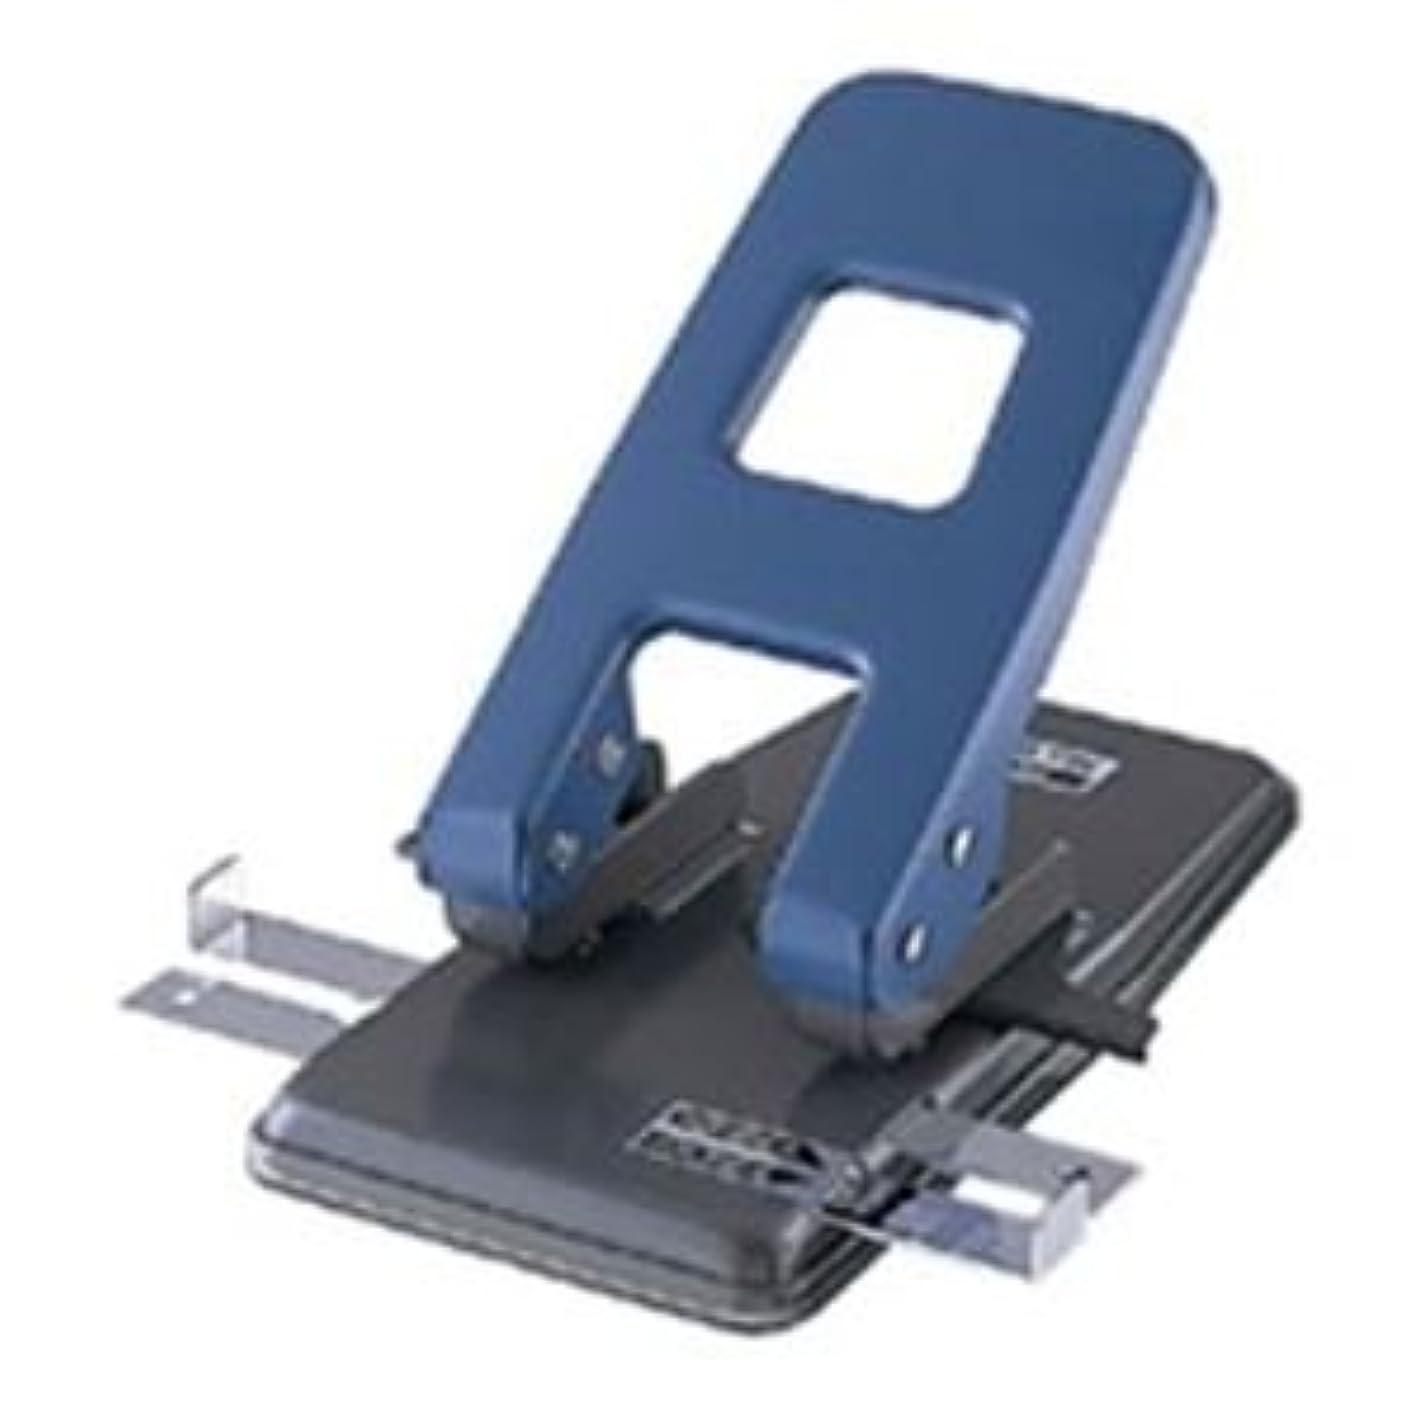 タクト集計インタフェース( お徳用 5セット ) プラス ペーパーパンチ NO.900 ブルー